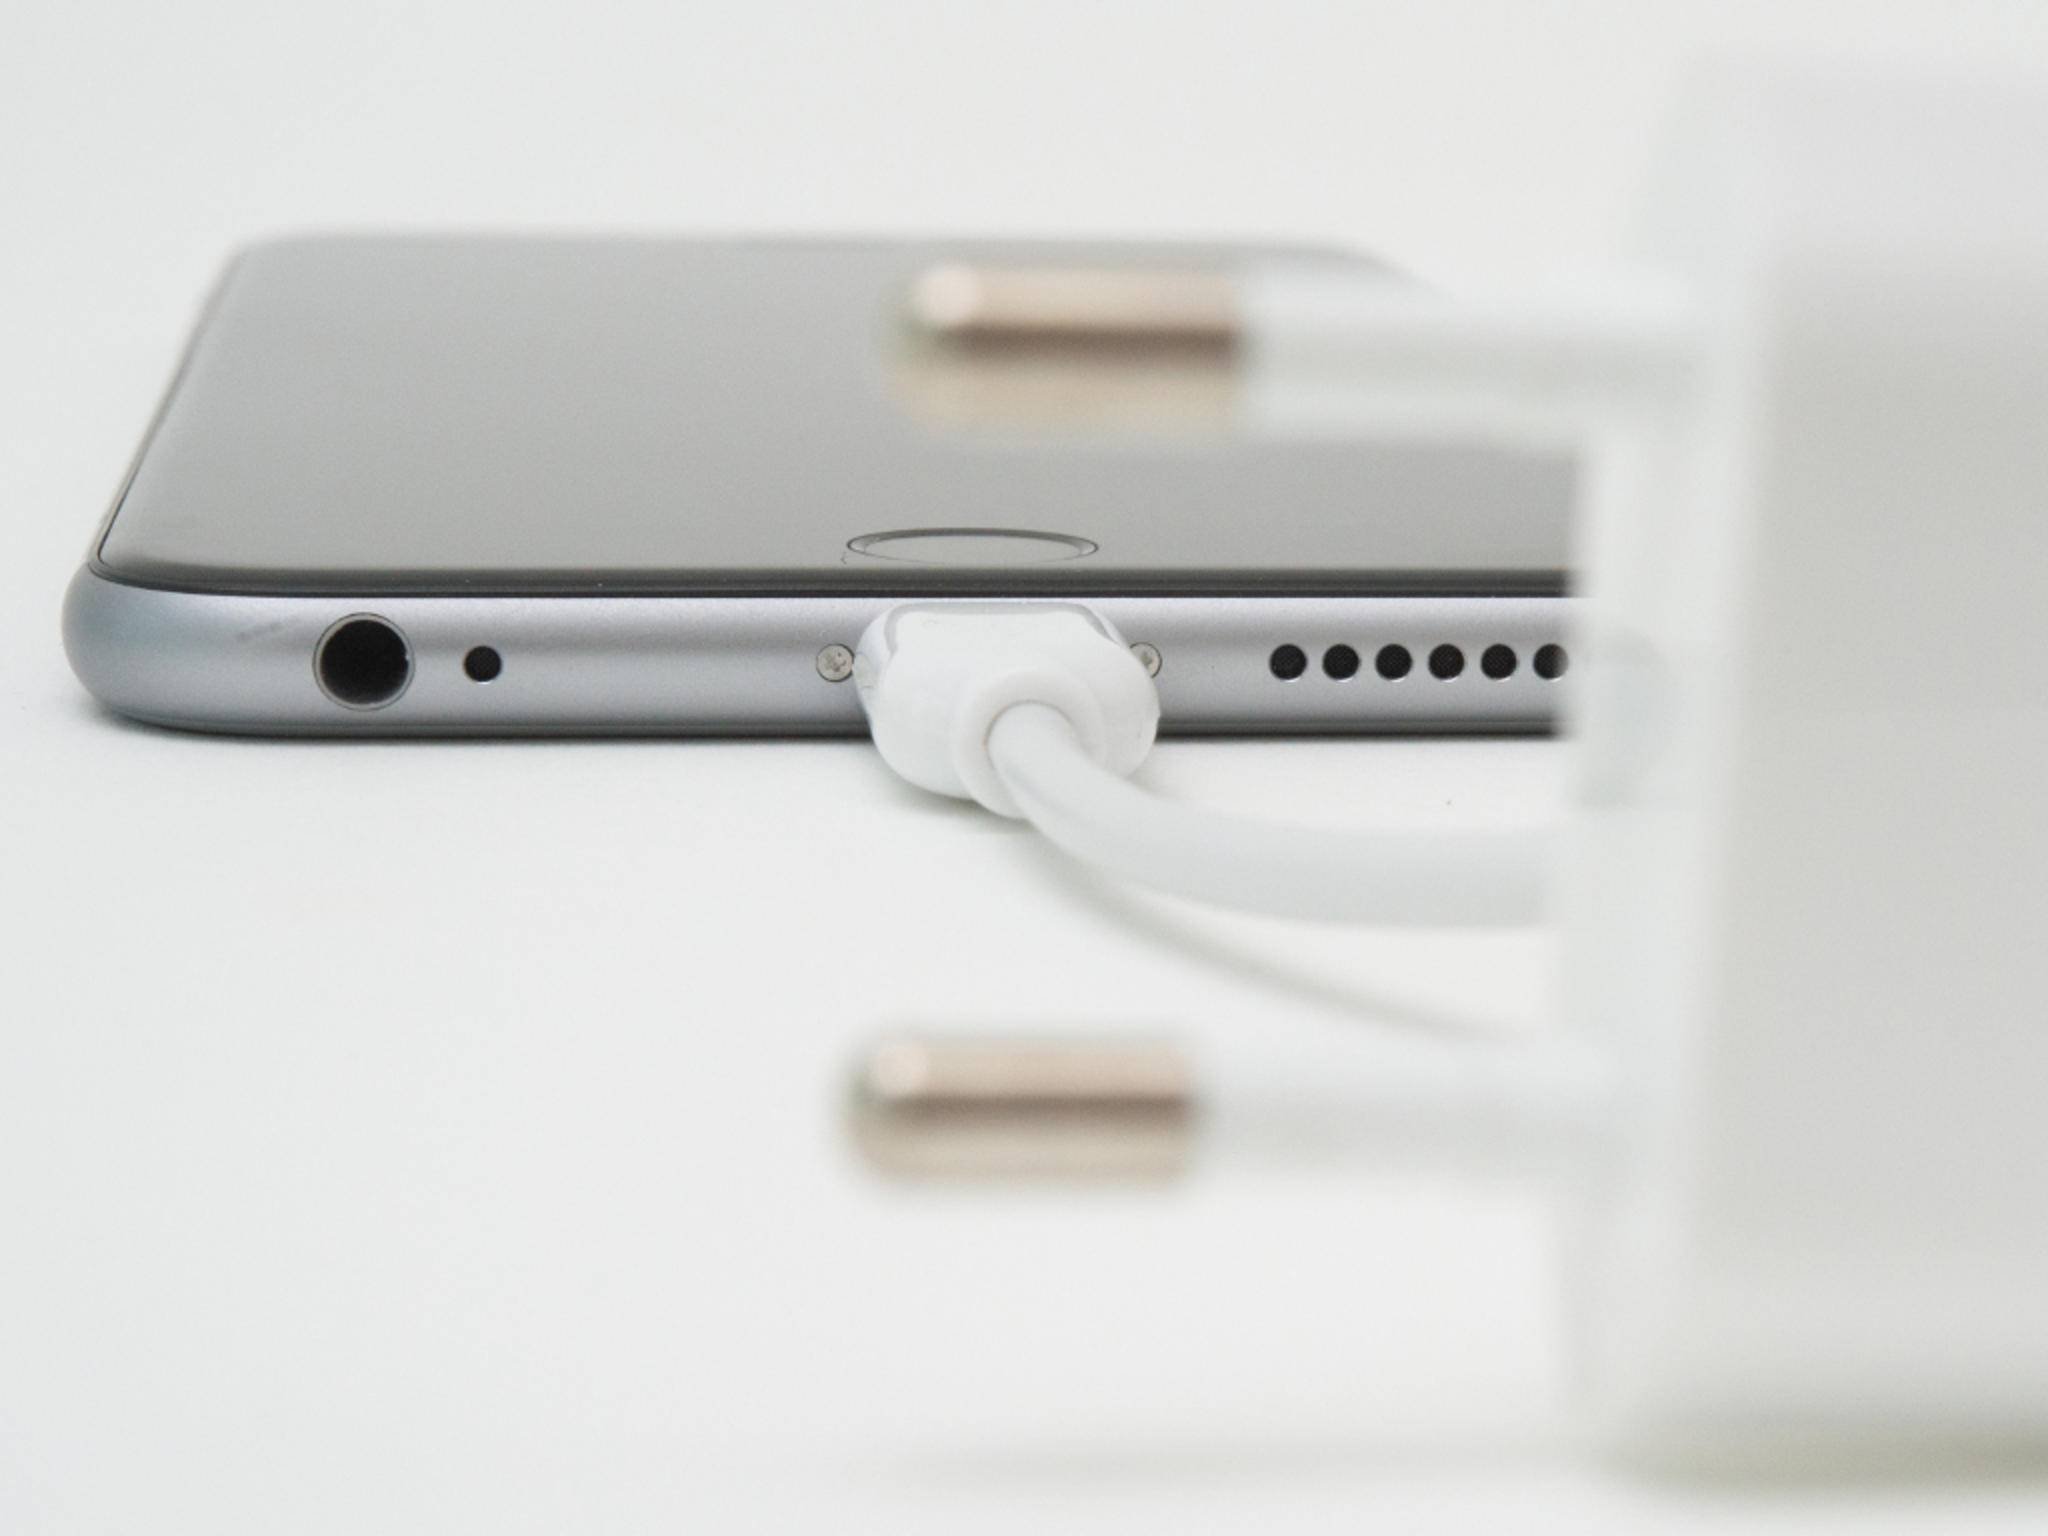 Lightning-Anschluss beim iPhone 6 – das Kabel muss nicht zwangsweise von Apple sein.